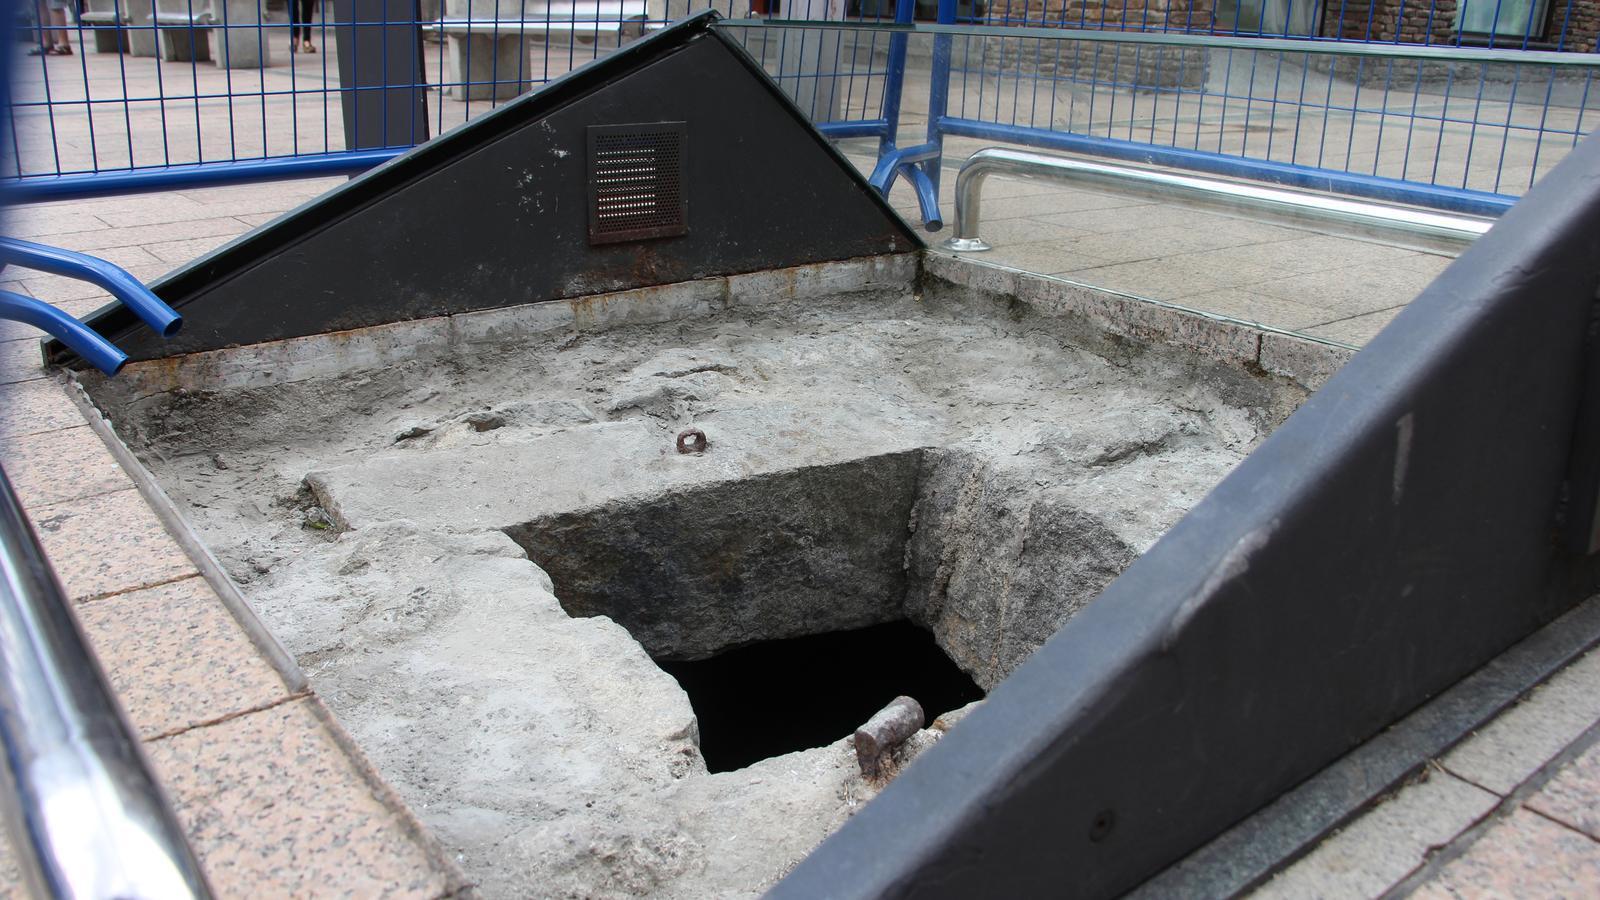 L'antiga presó, que es troba tot just davant del comú d'Andorra la Vella, encerclada per tanques a causa dels danys fets la matinada d'aquest dijous. / ANA